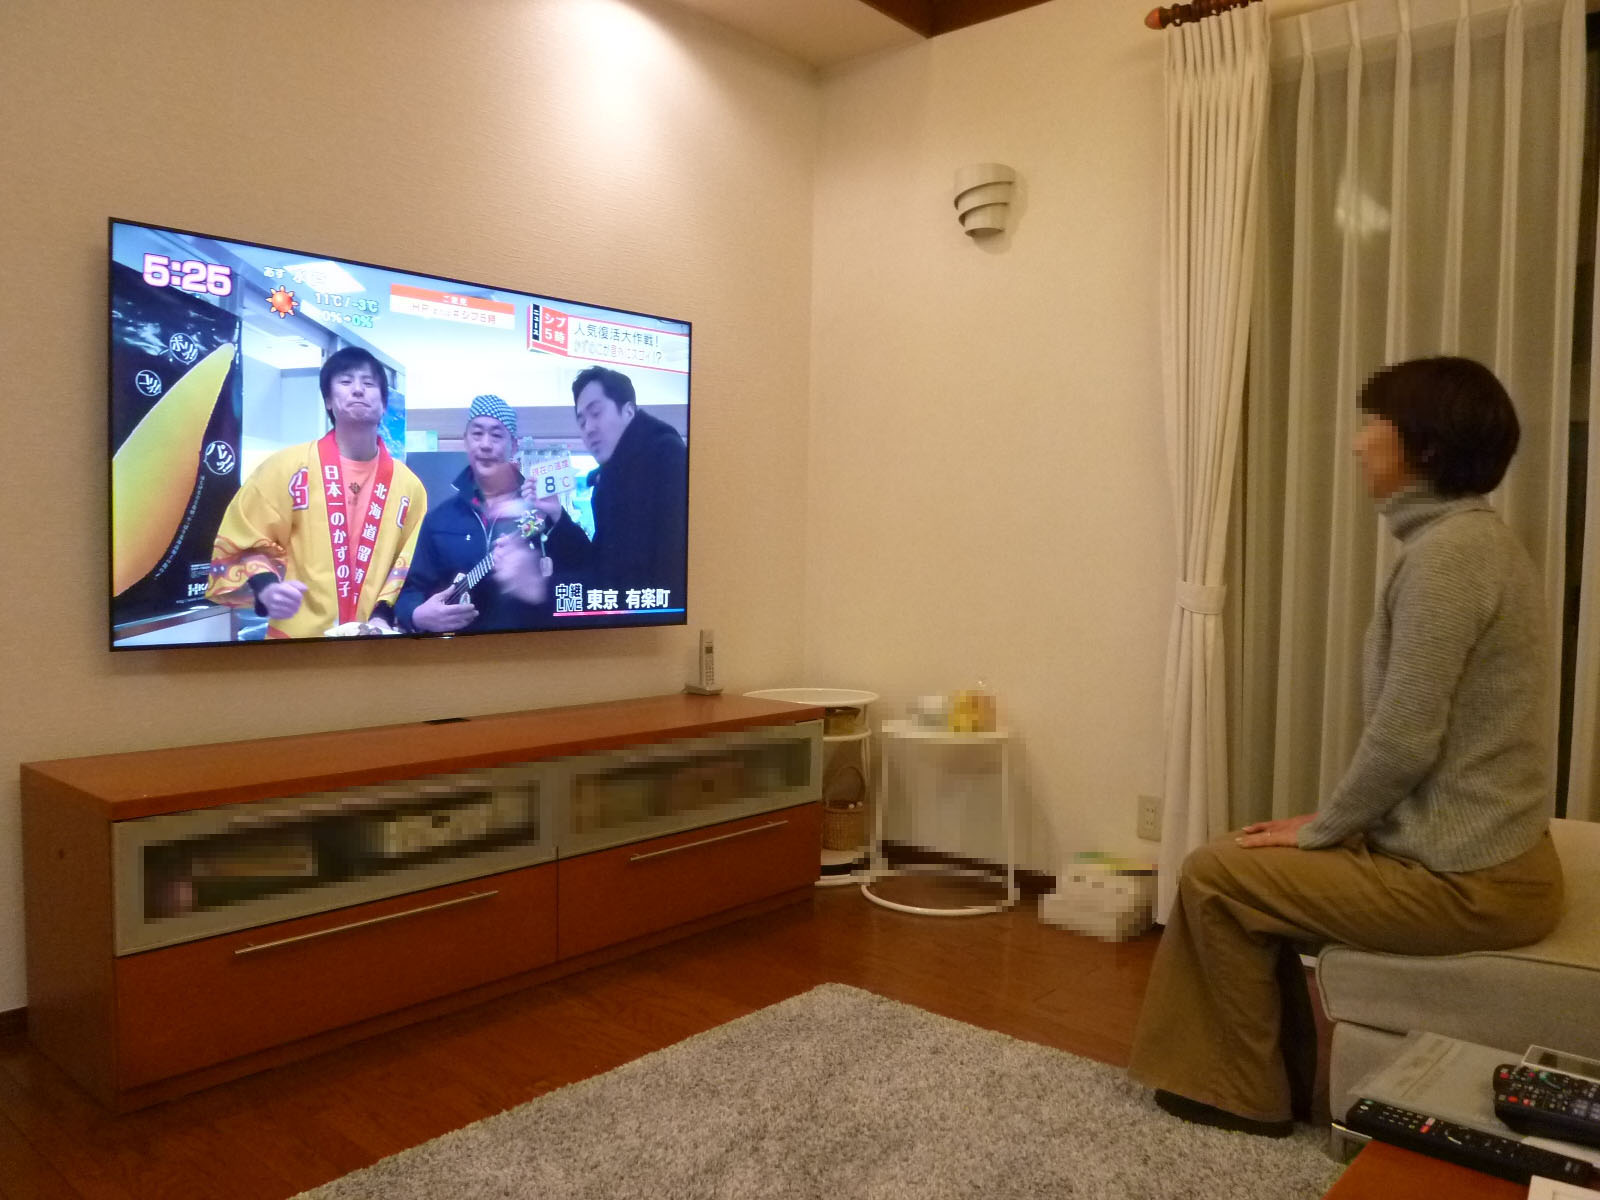 あっぱれ!ソニーの65型 壁掛けテレビ納品